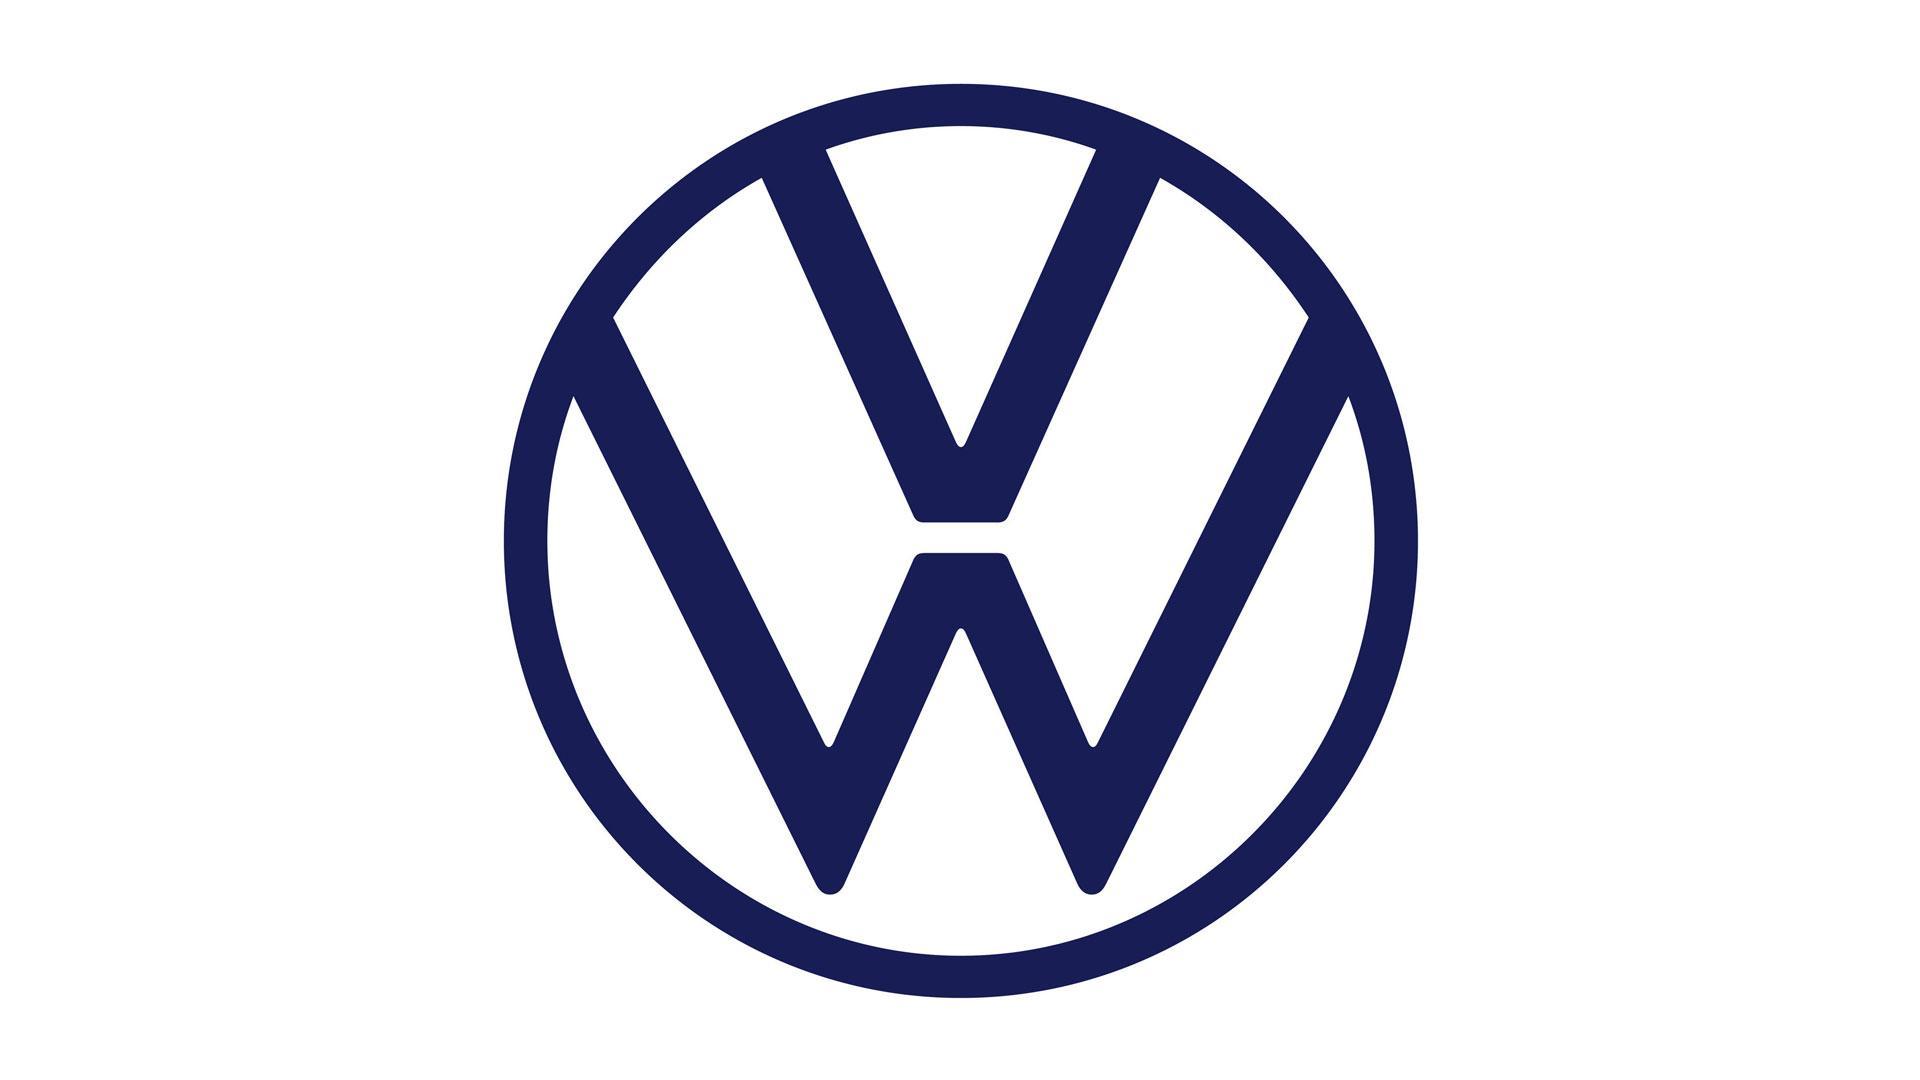 nieuw volkswagen-logo blauw wit 2019